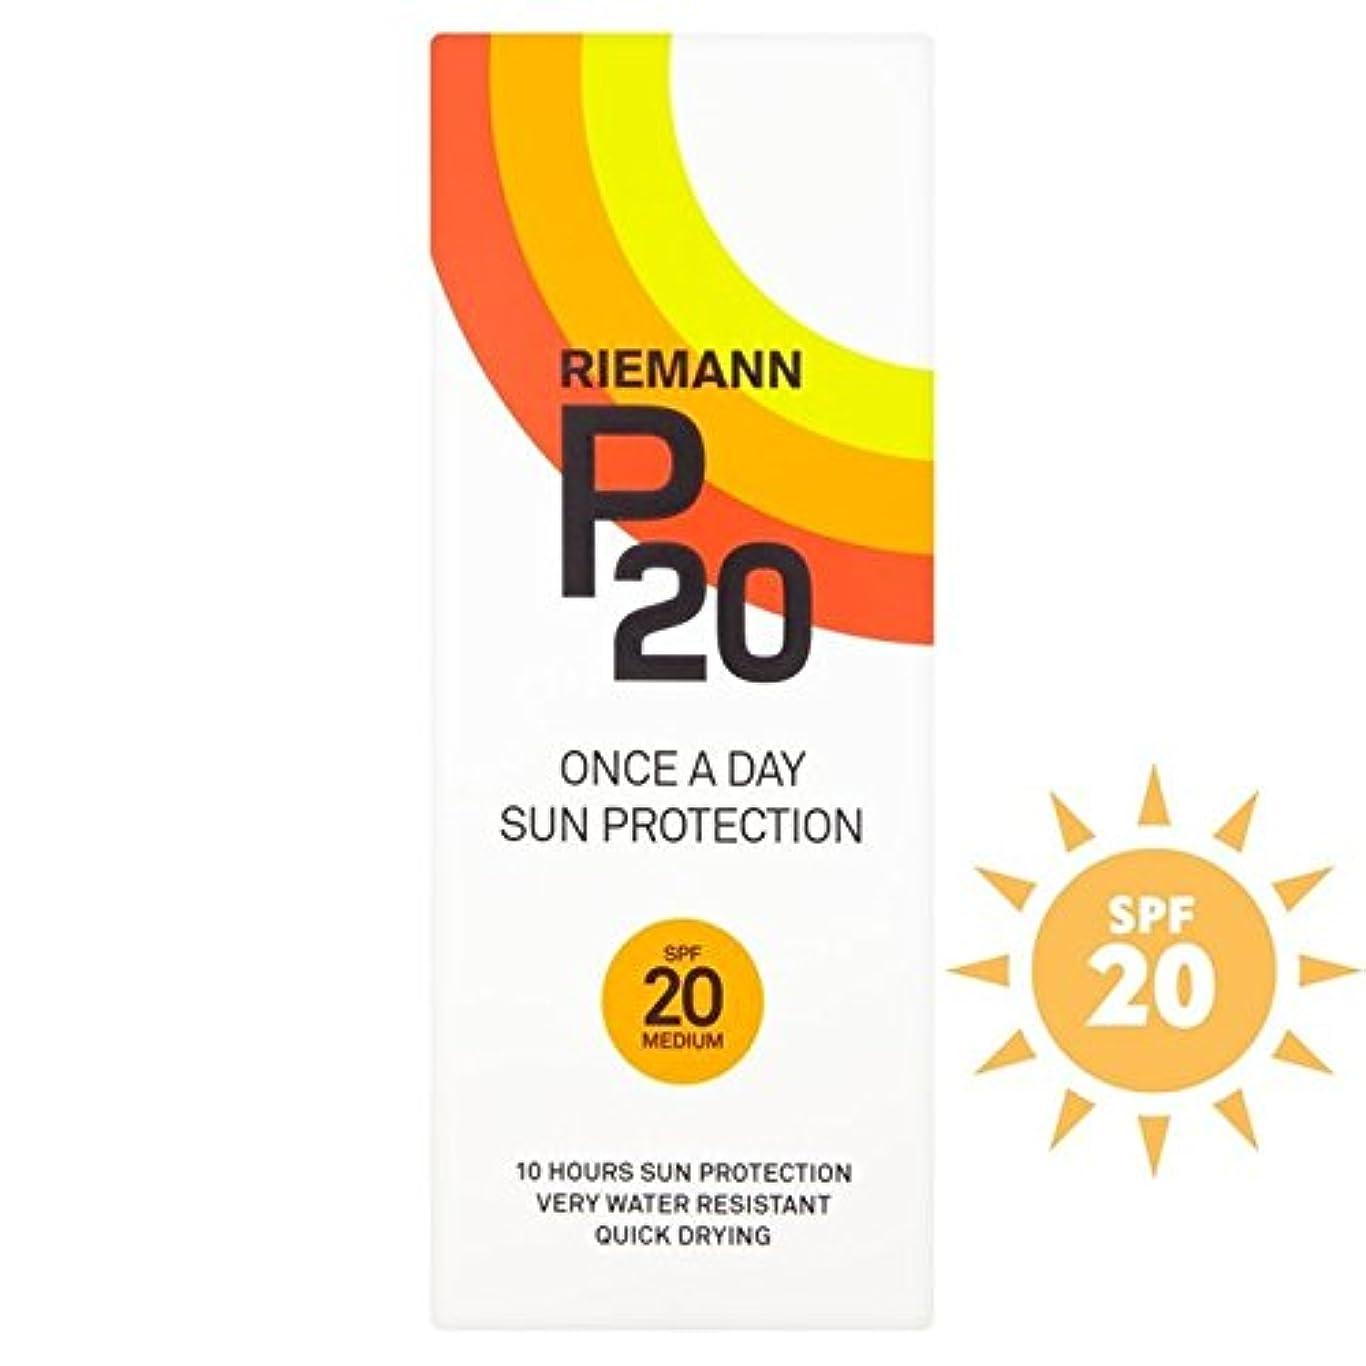 再び薄めるバイパスRiemann P20 SPF20 1 Day/10 Hour Protection 200ml - リーマン20 20 1日/ 10時間の保護200ミリリットル [並行輸入品]